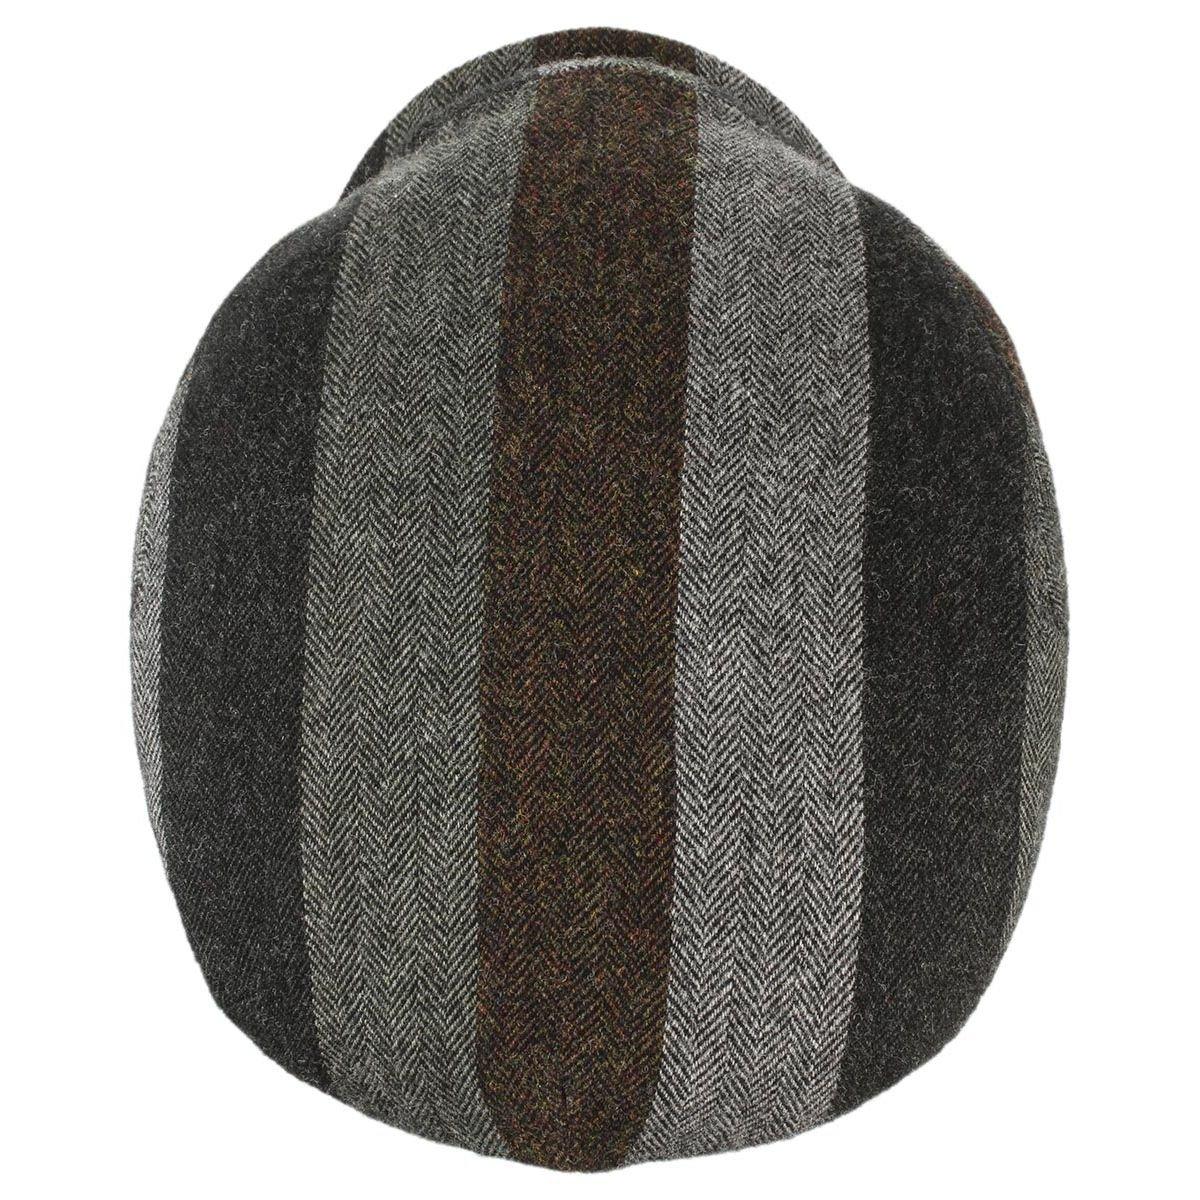 Stetson Bandera Patchwork Coppola cappello piatto berretti piatti 62 cm -  antracite  Amazon.it  Abbigliamento d242e98b6c54